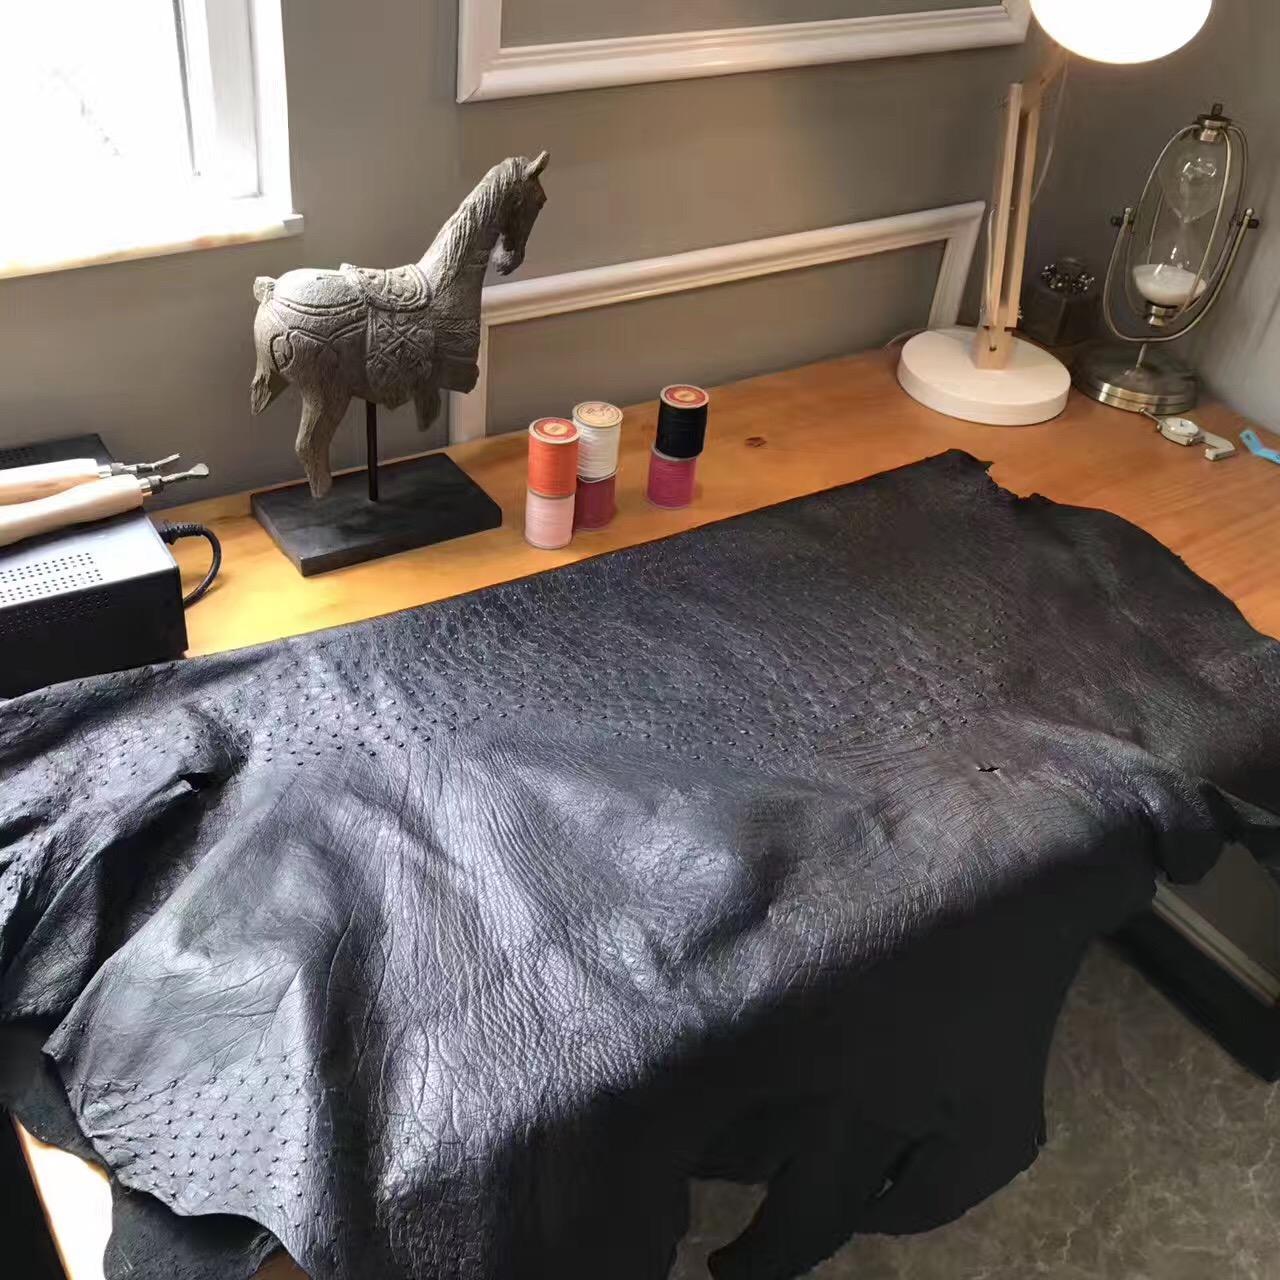 世界上最名貴的優質皮革鴕鳥皮 愛馬仕 CK 89 Nior黑色